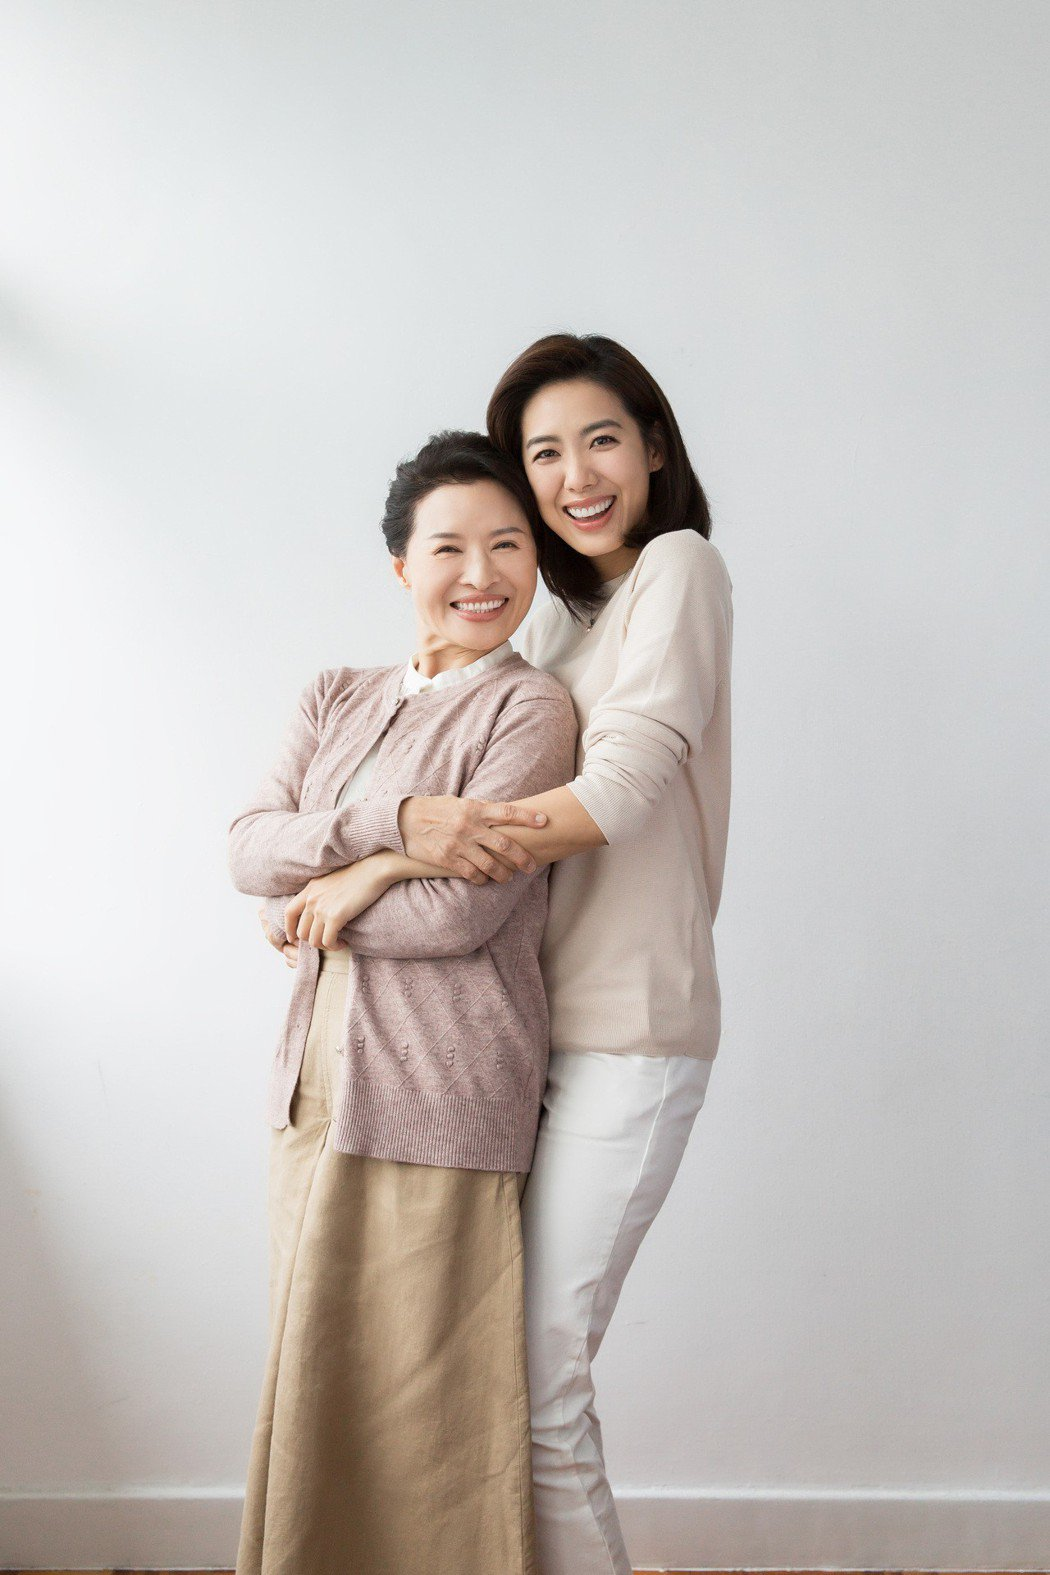 林可彤於母親節前夕推出微電影「年輕的自己一直都在」。圖/台灣愛力根提供